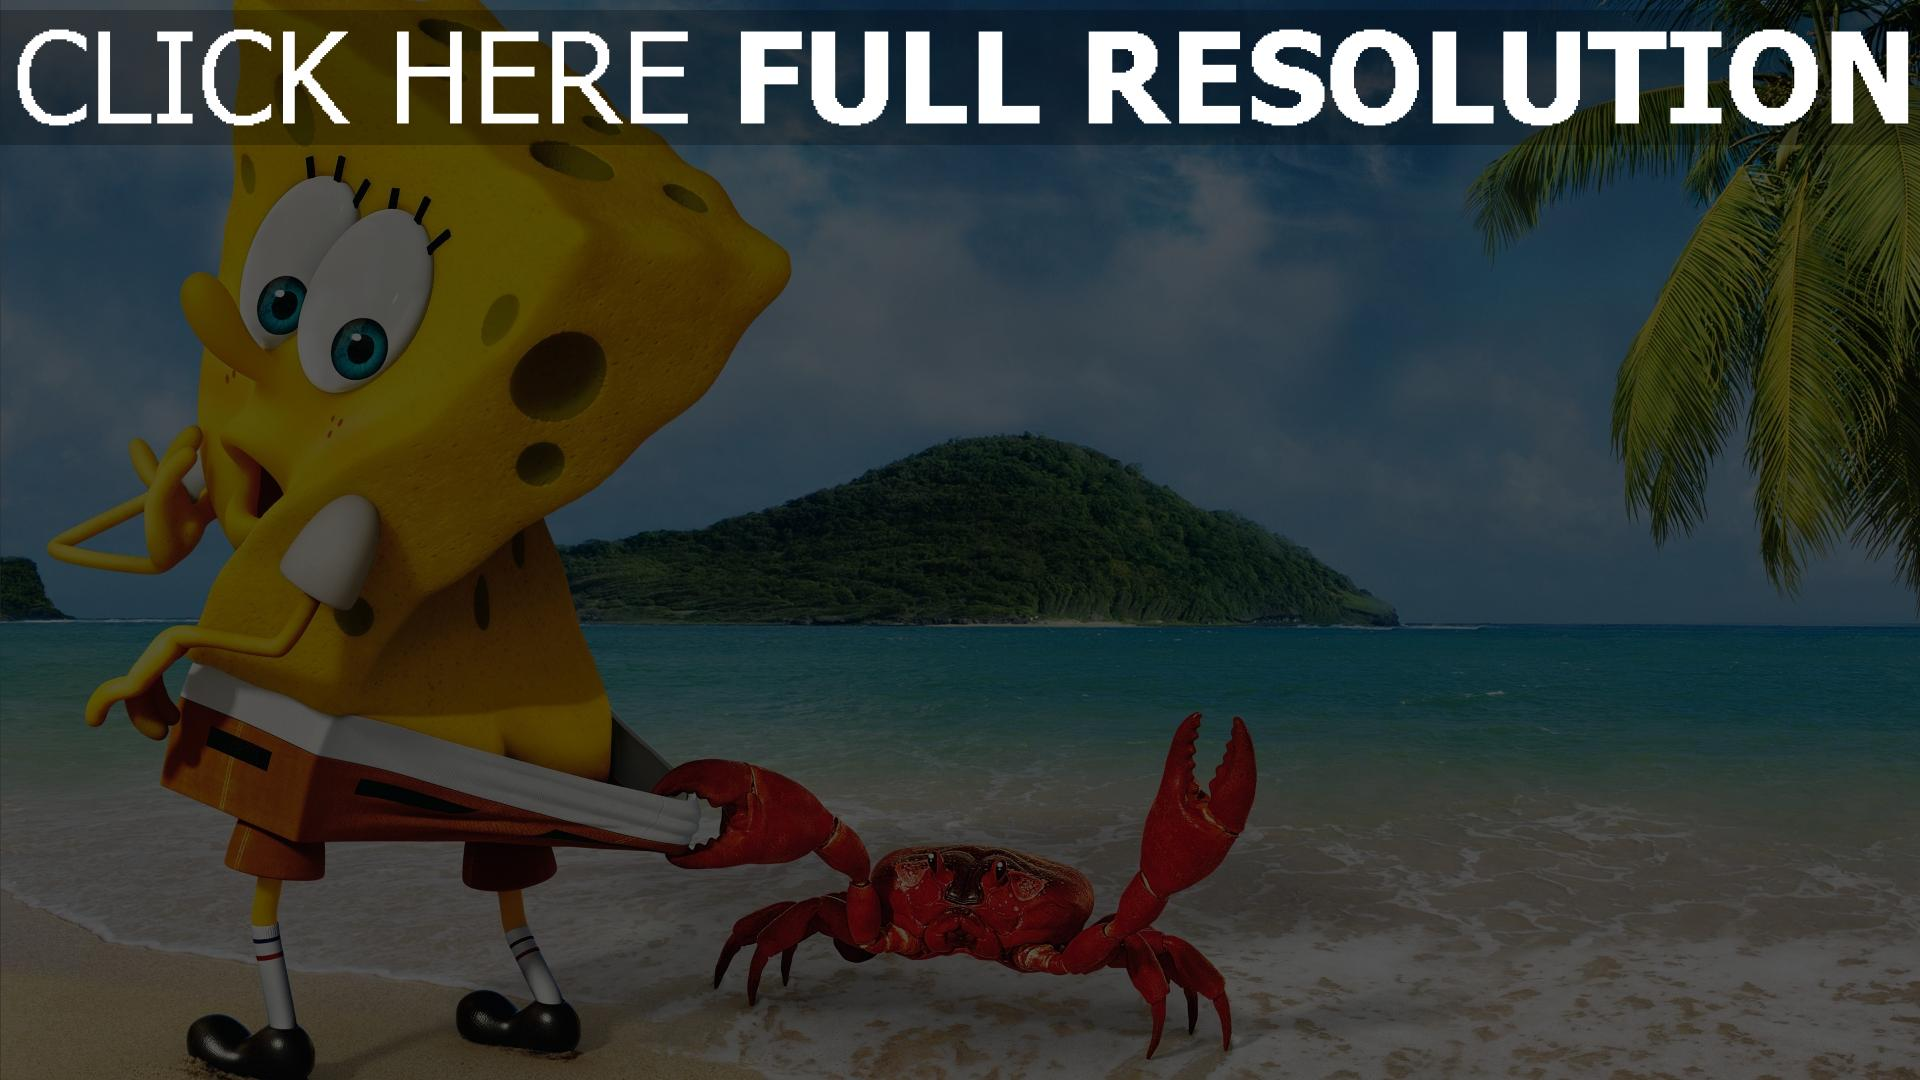 fond d'écran 1920x1080 bob l'éponge île crabe